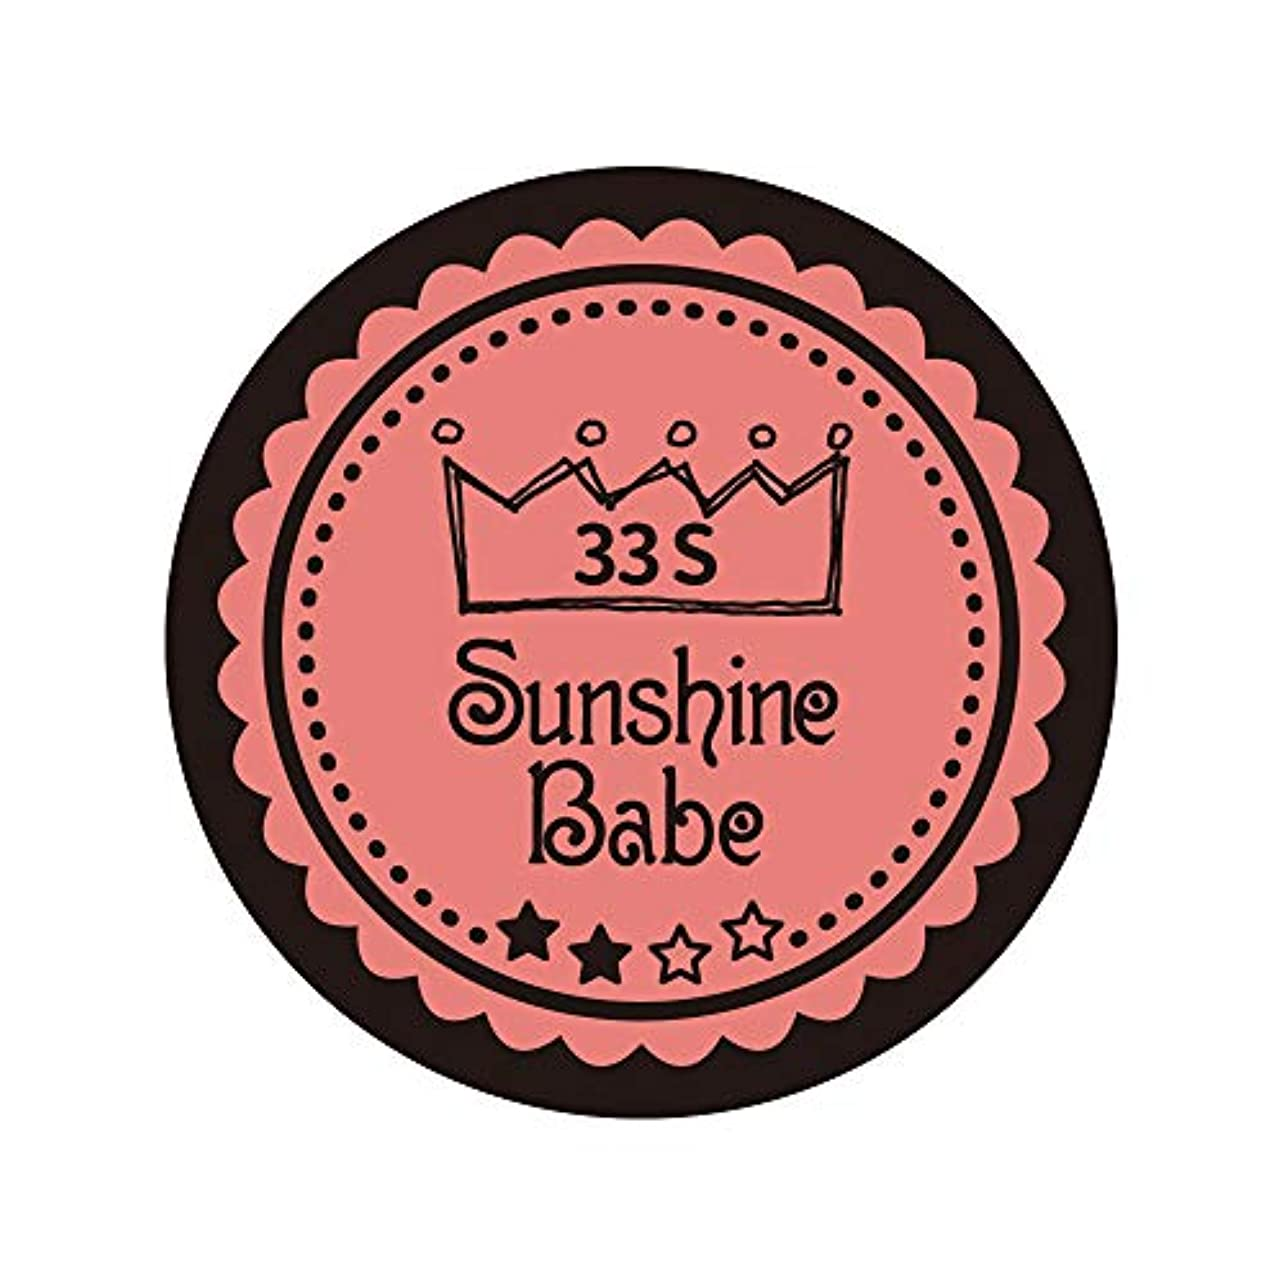 転送スポーツをするレタッチSunshine Babe カラージェル 33S ベイクドコーラルピンク 2.7g UV/LED対応